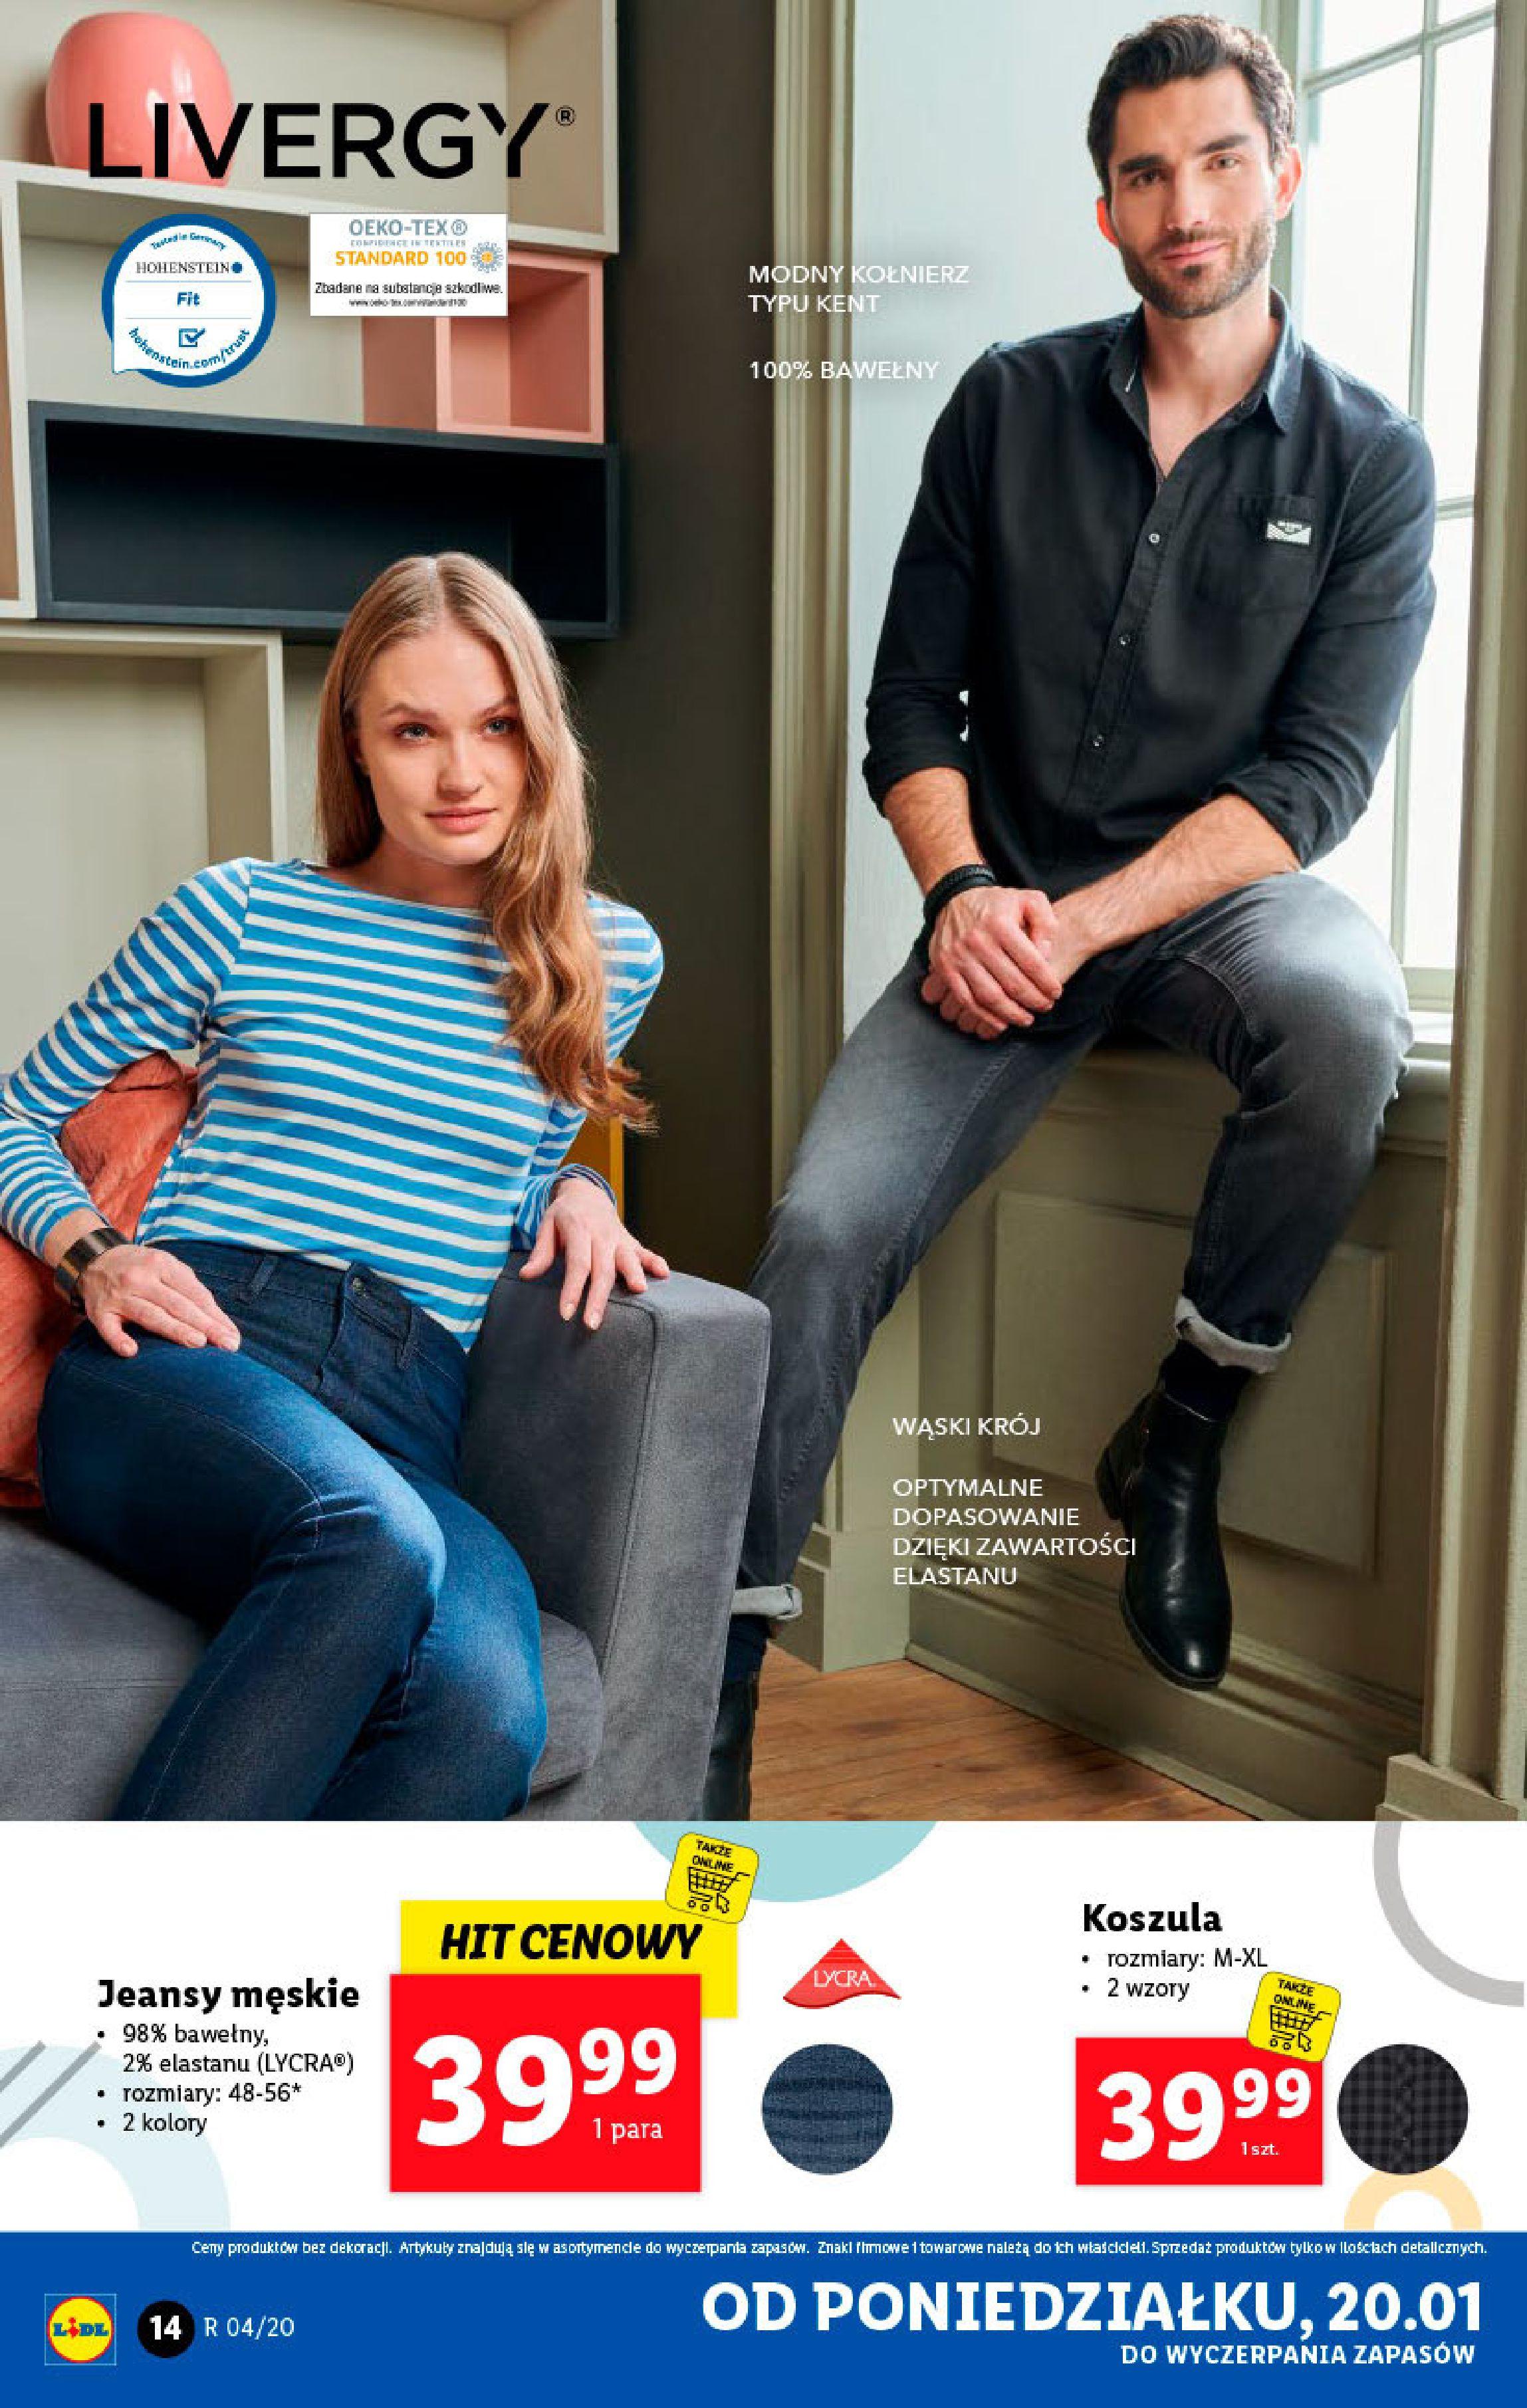 Gazetka Lidl - Katalog od poniedziałku-19.01.2020-26.01.2020-page-14